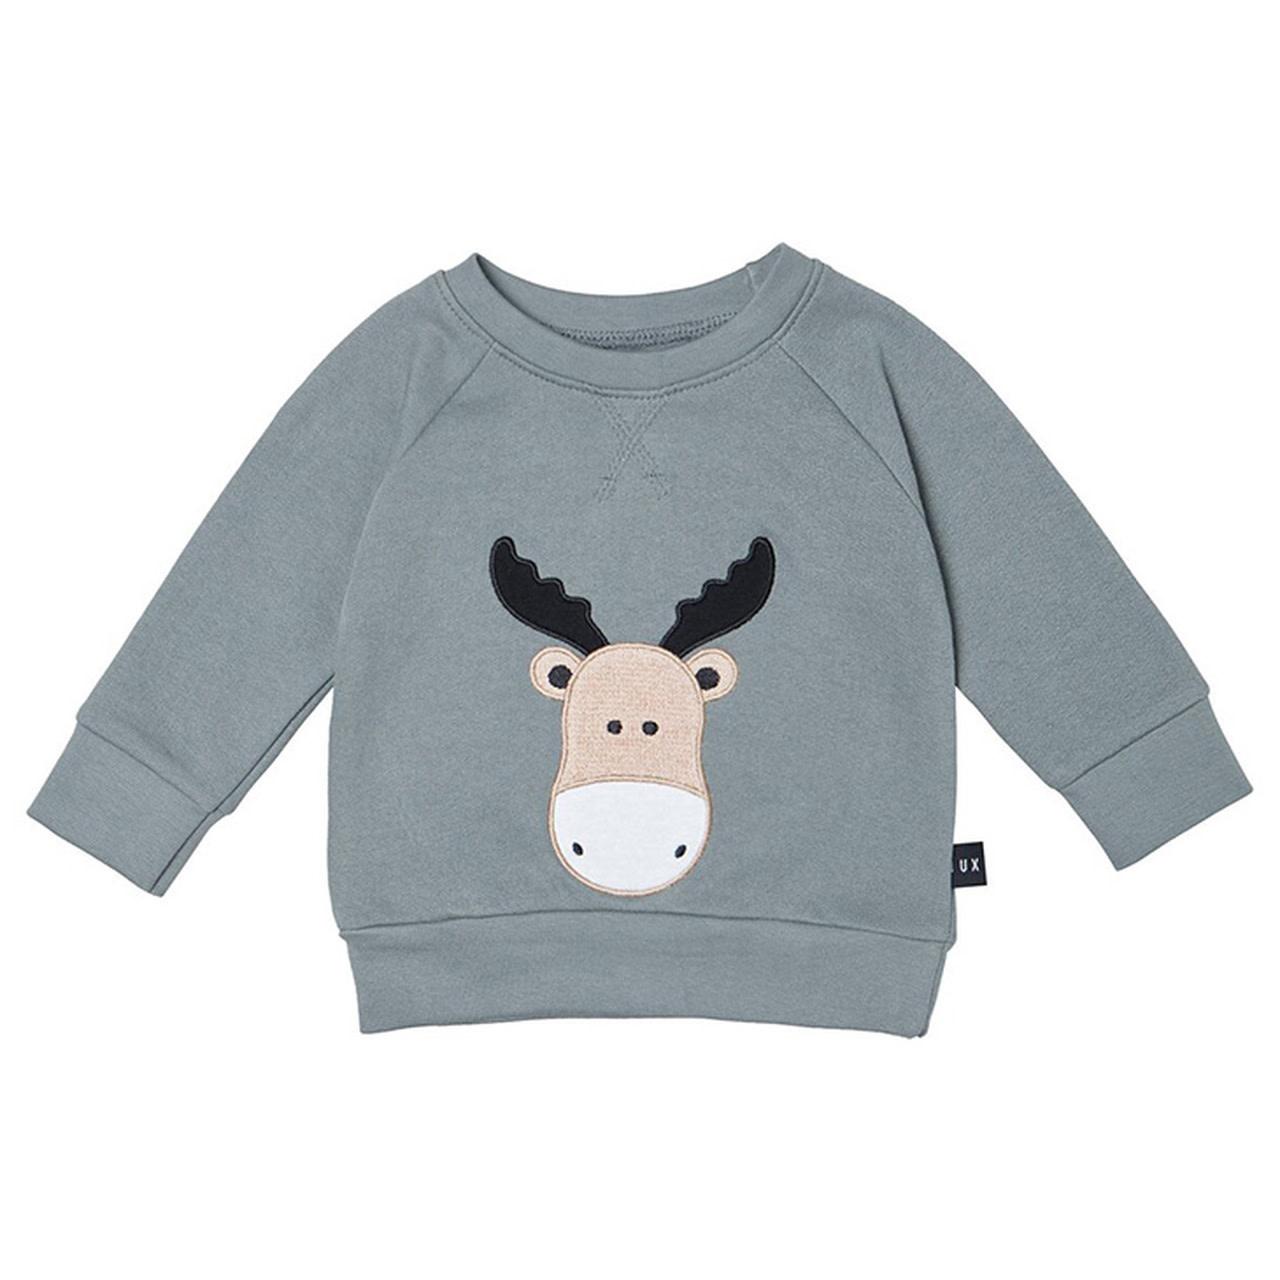 HUX BABY Moose Sweatshirt